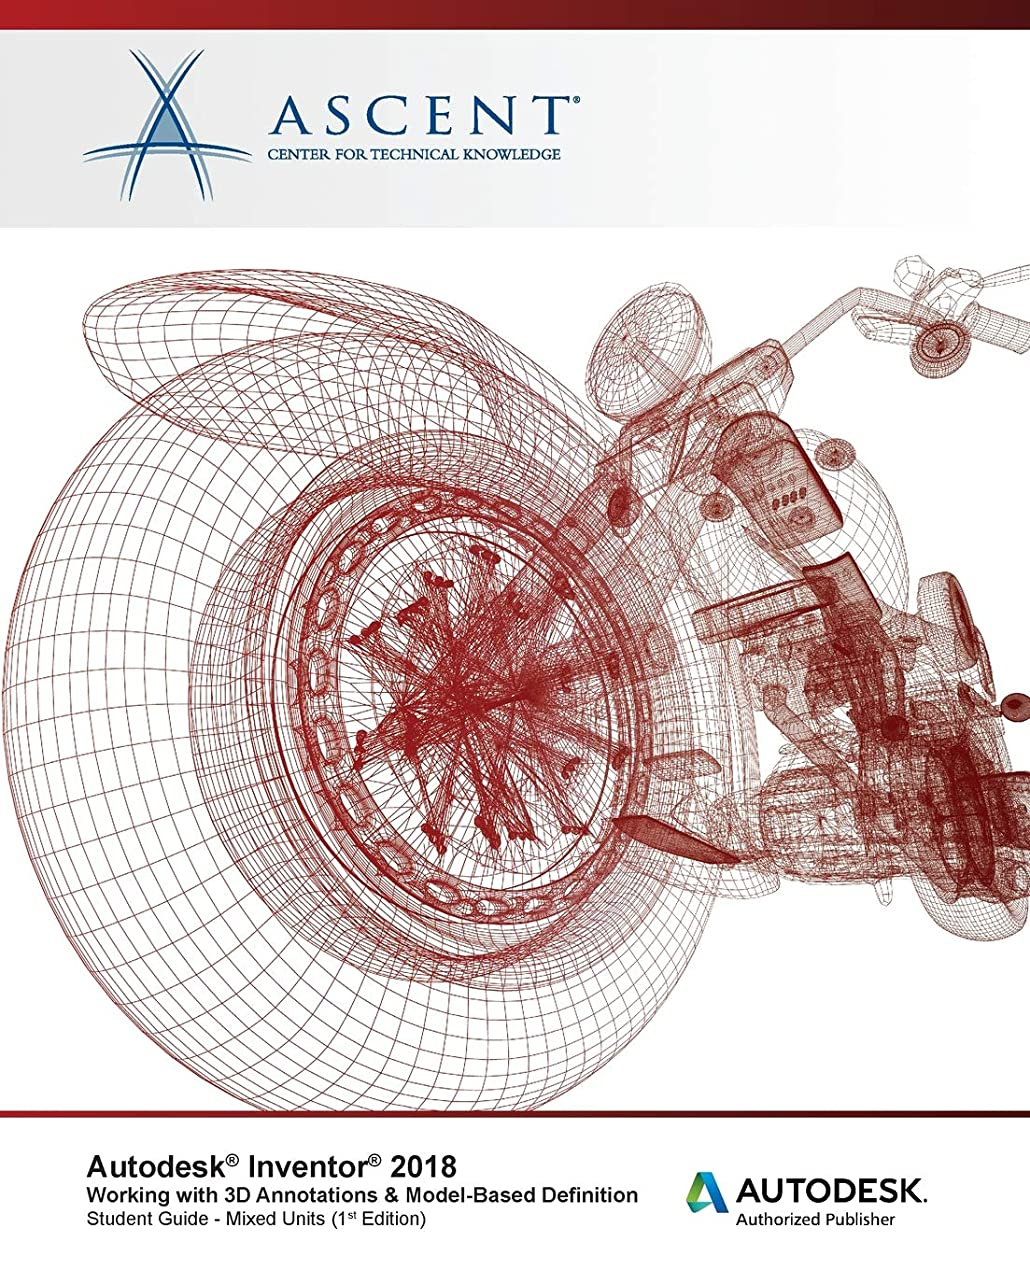 指定する医学信者Autodesk Inventor 2018 Working with 3D Annotations & Model-Based Definition: Autodesk Authorized Publisher